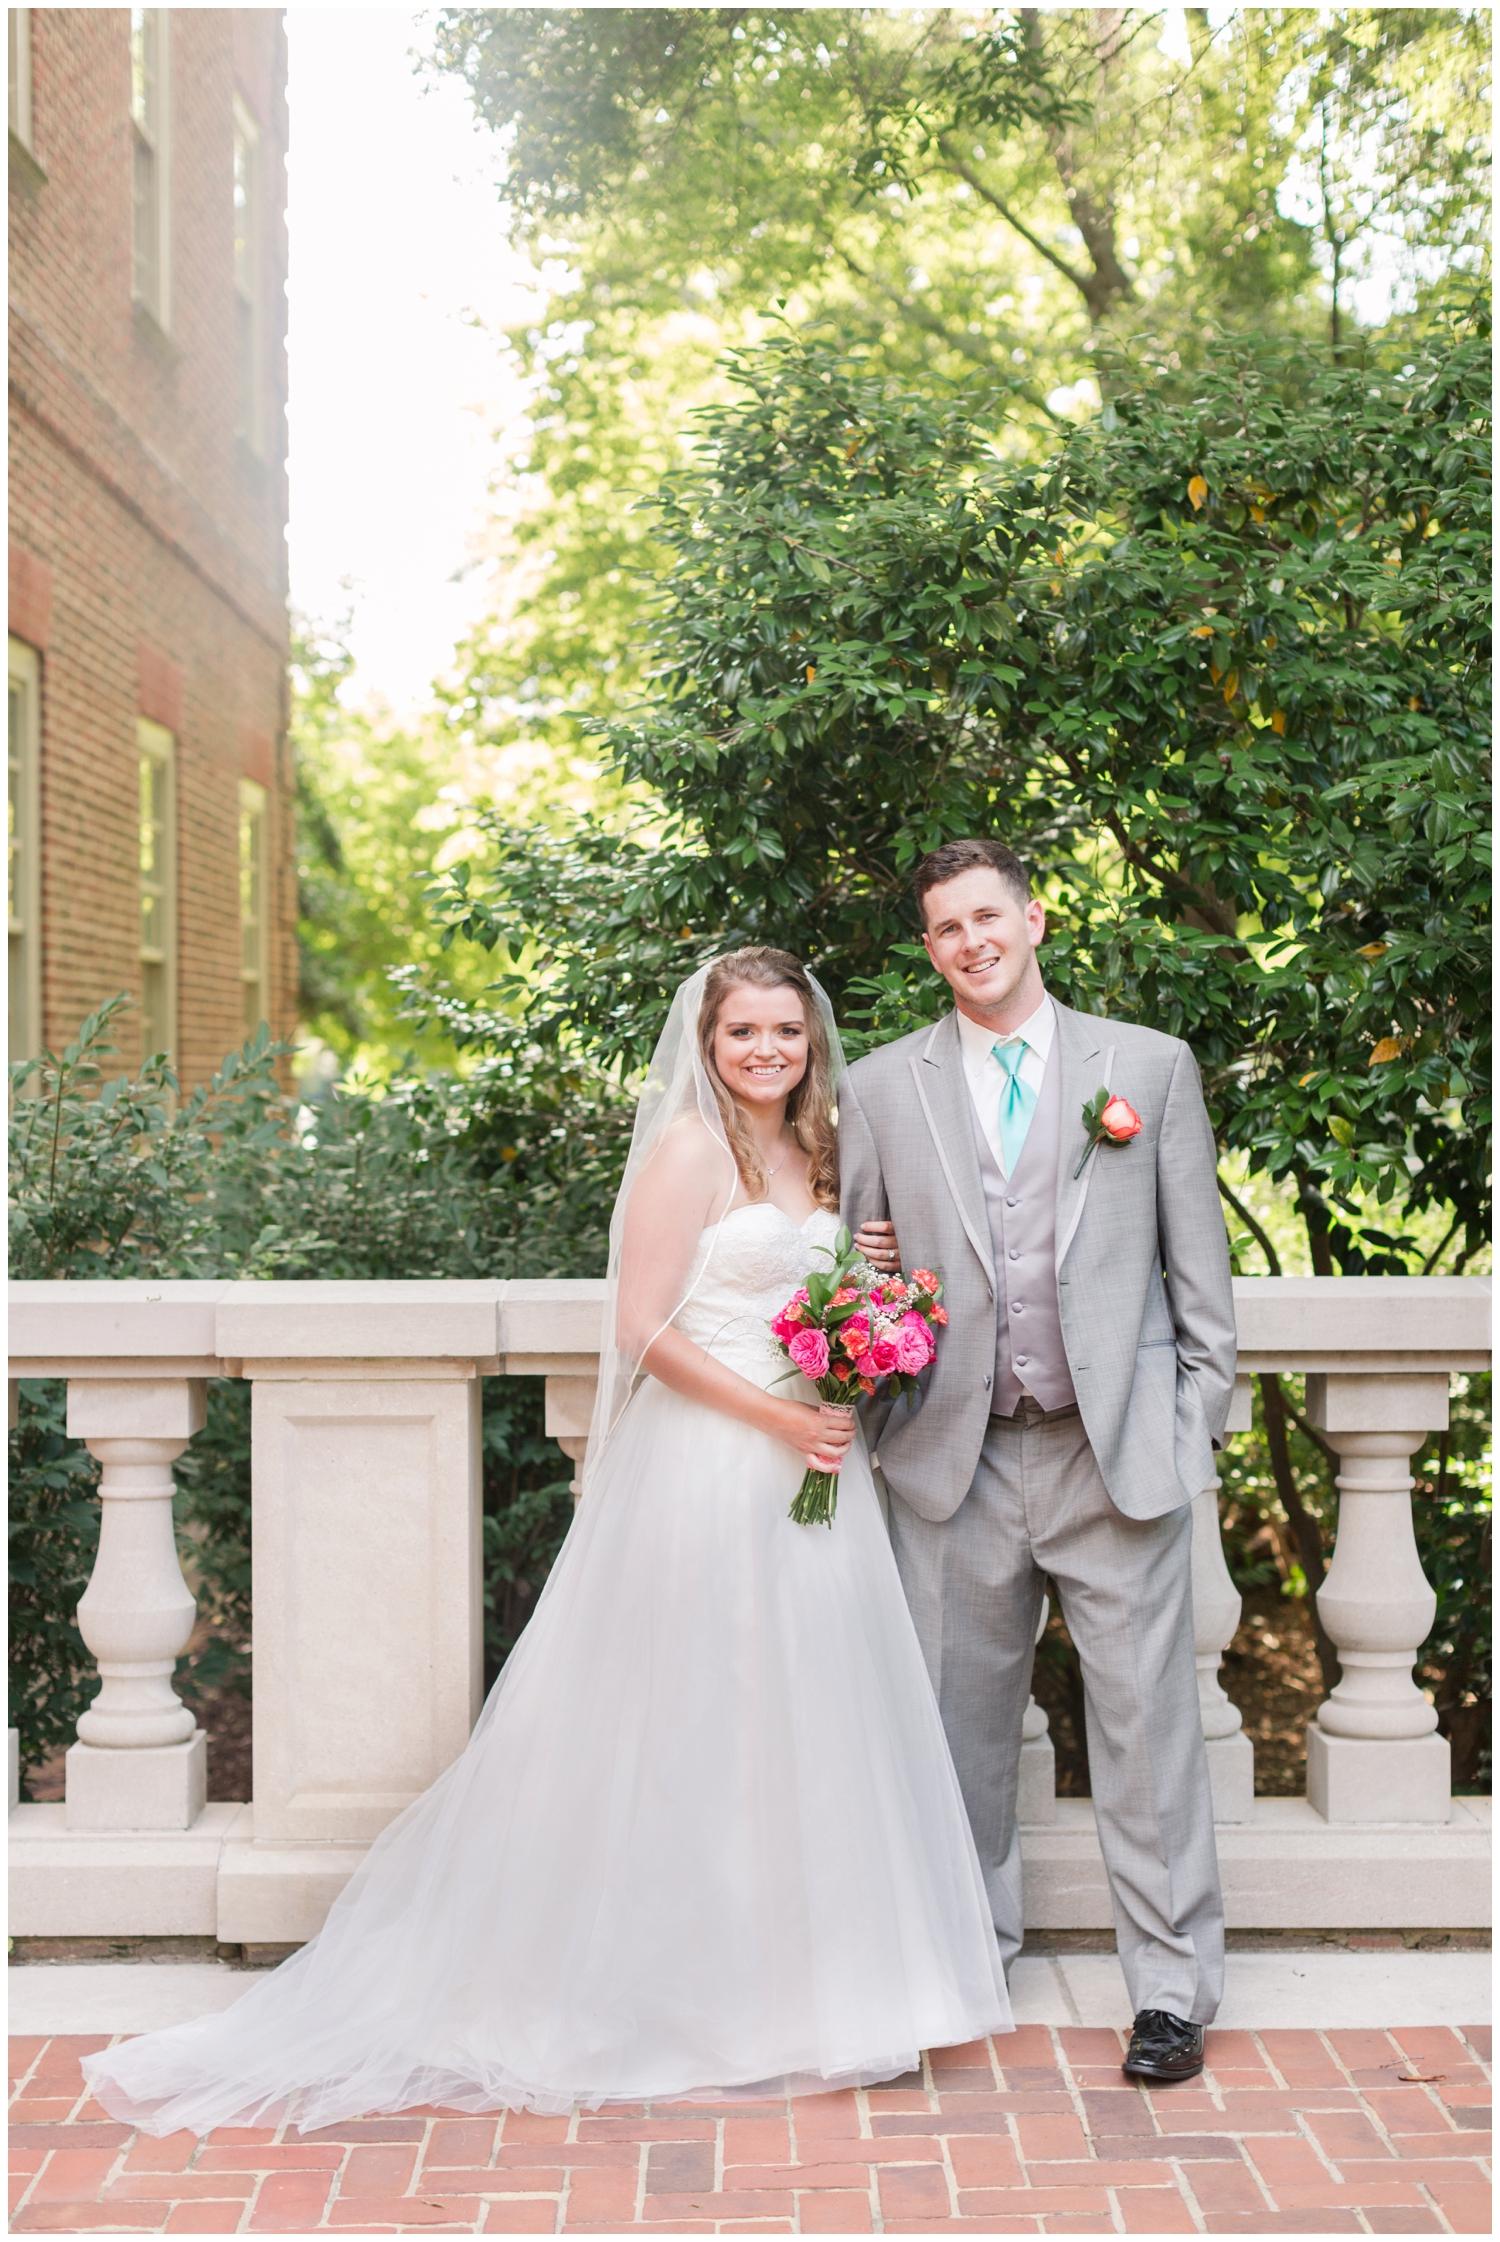 elovephotos virginia beach wedding photography_0399.jpg